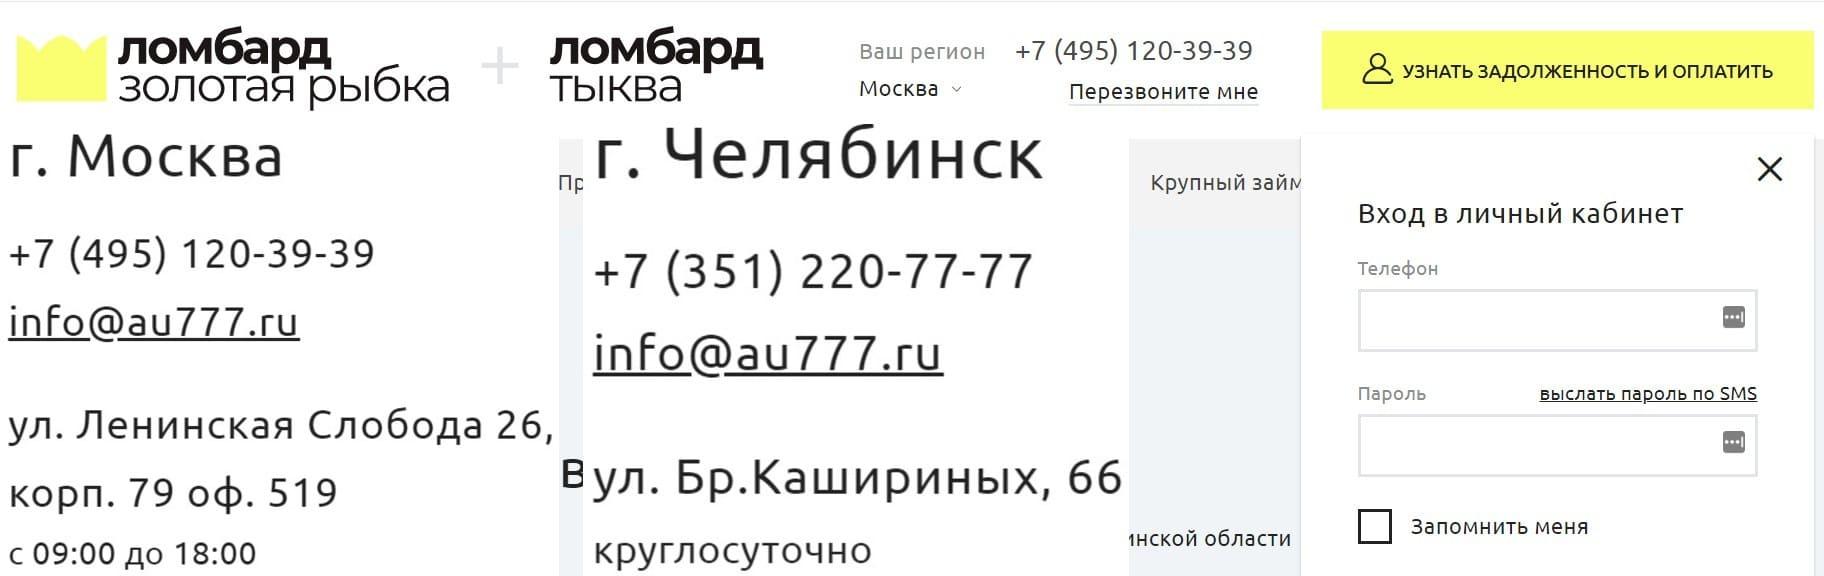 au777 ru личный кабинет